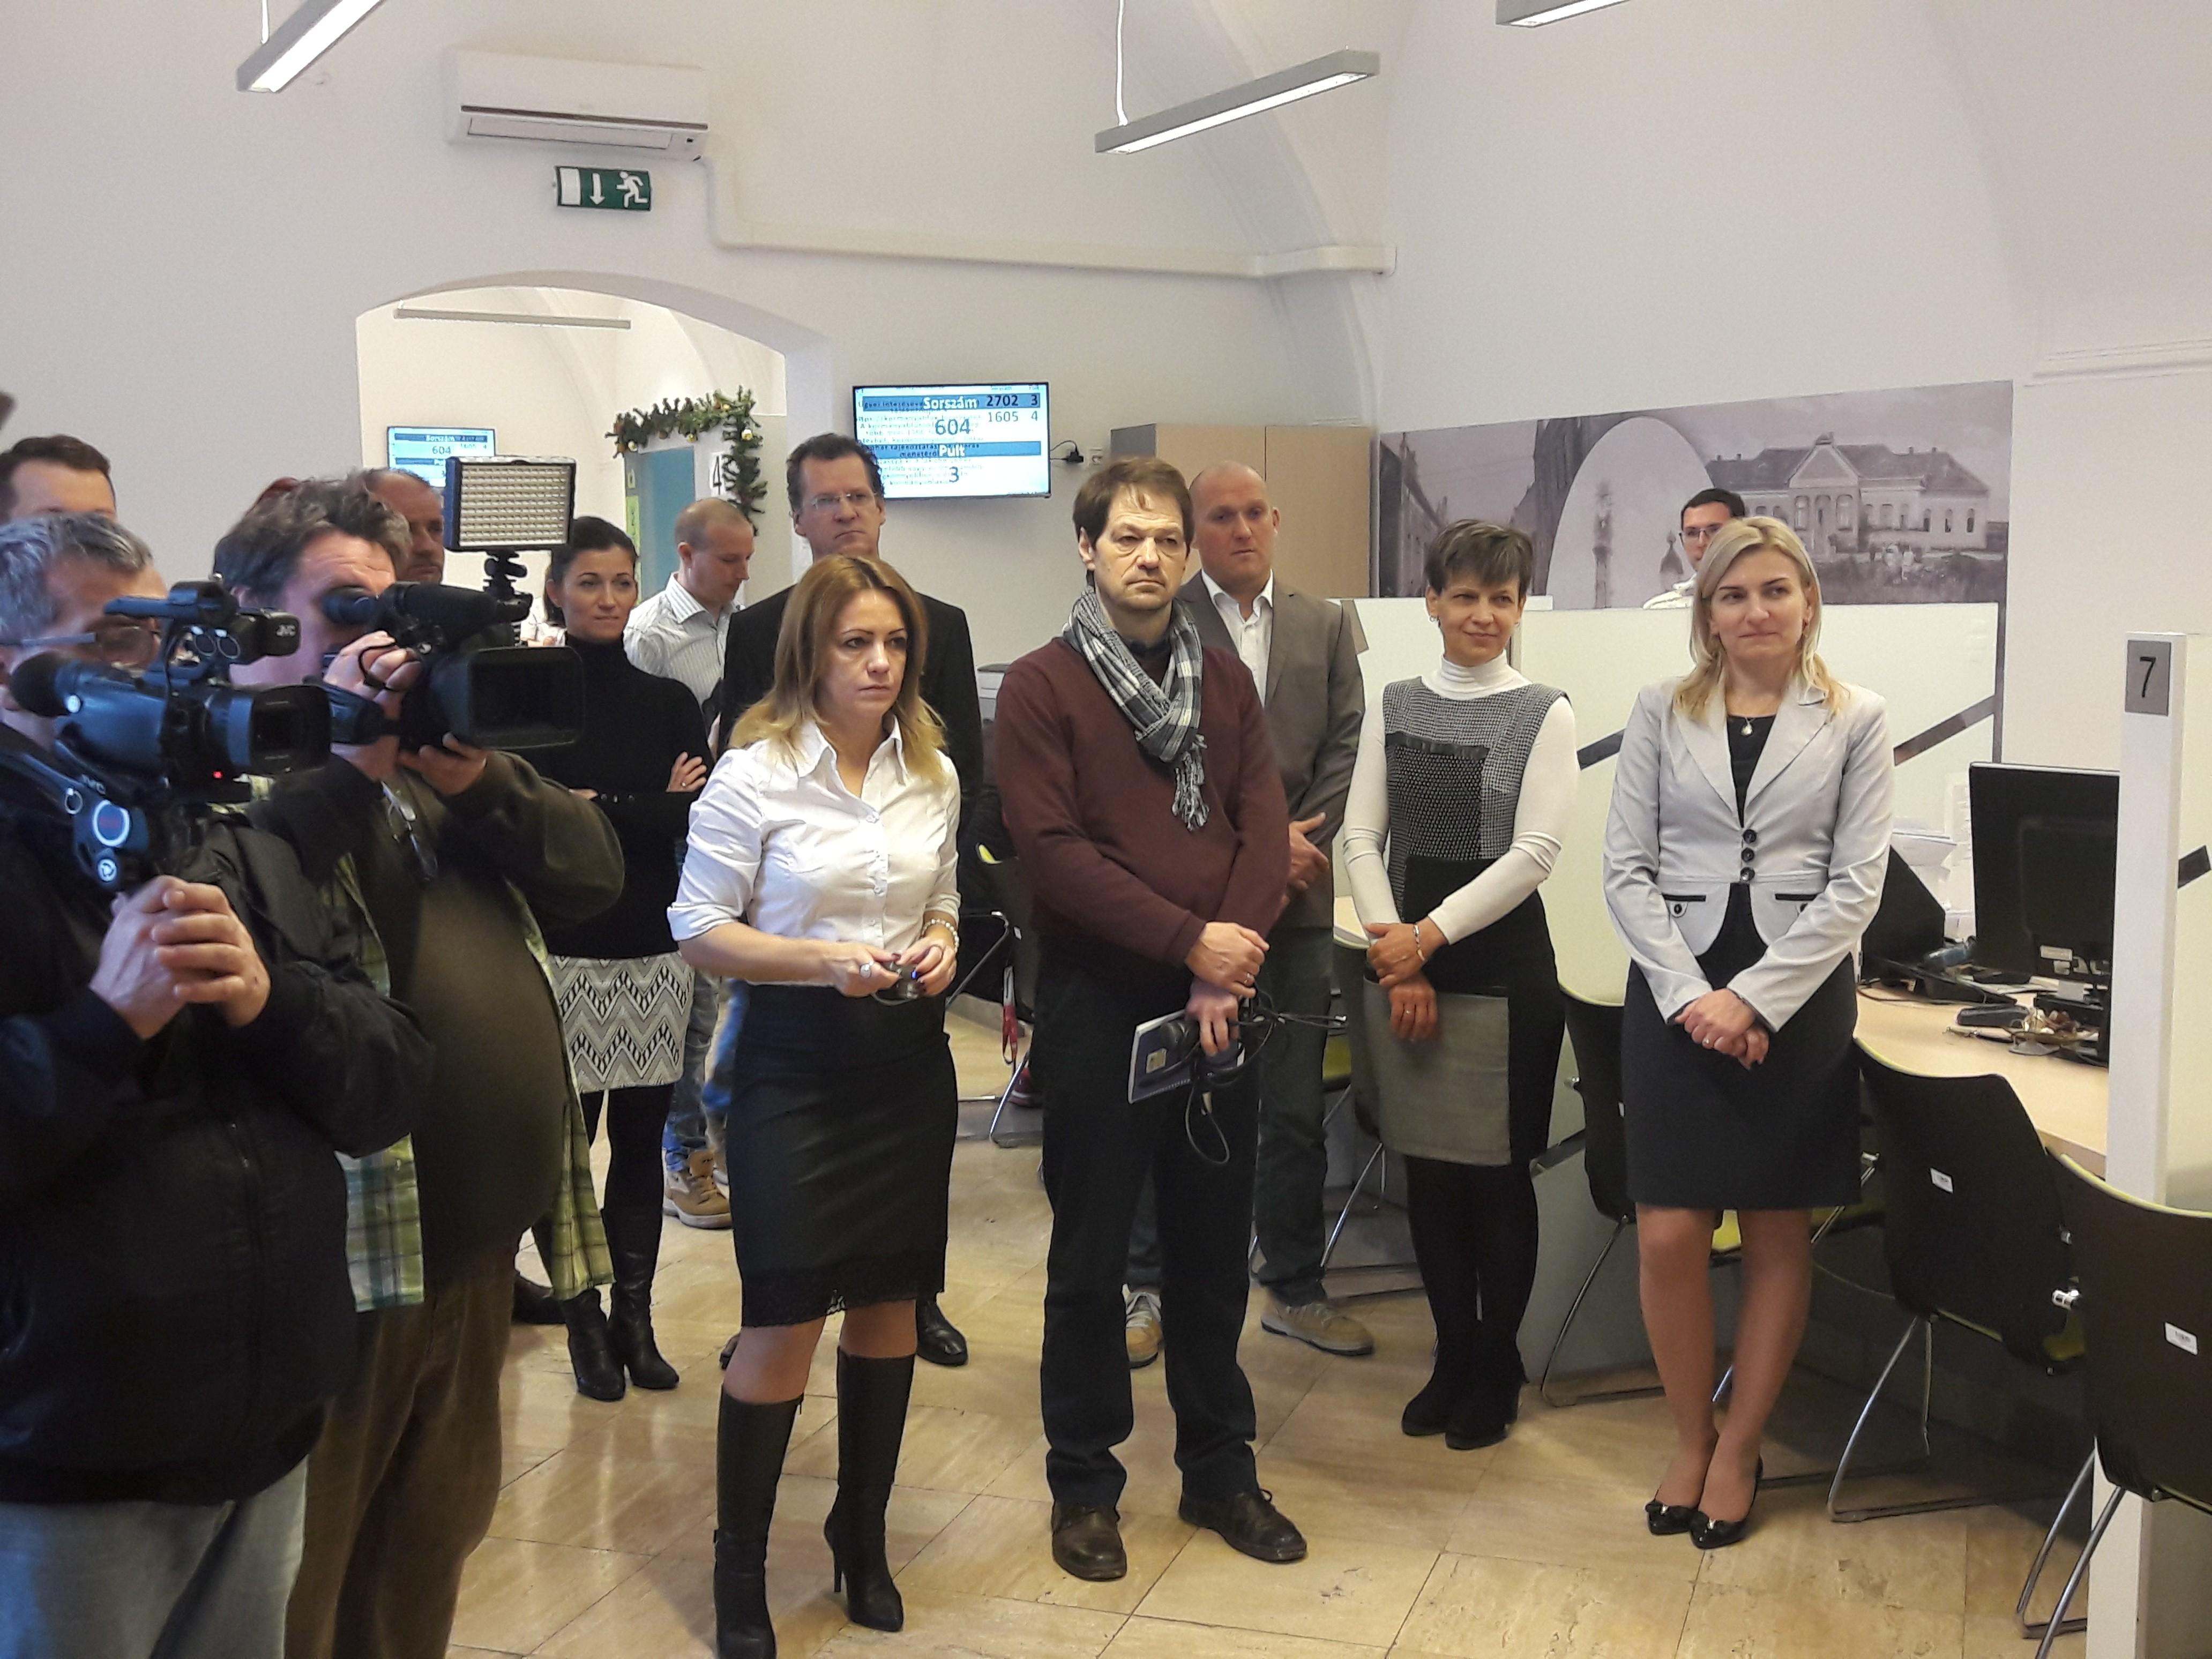 Már a Bonyhádi Kormányablakban is megnyílt a NAV ügyfélszolgálat